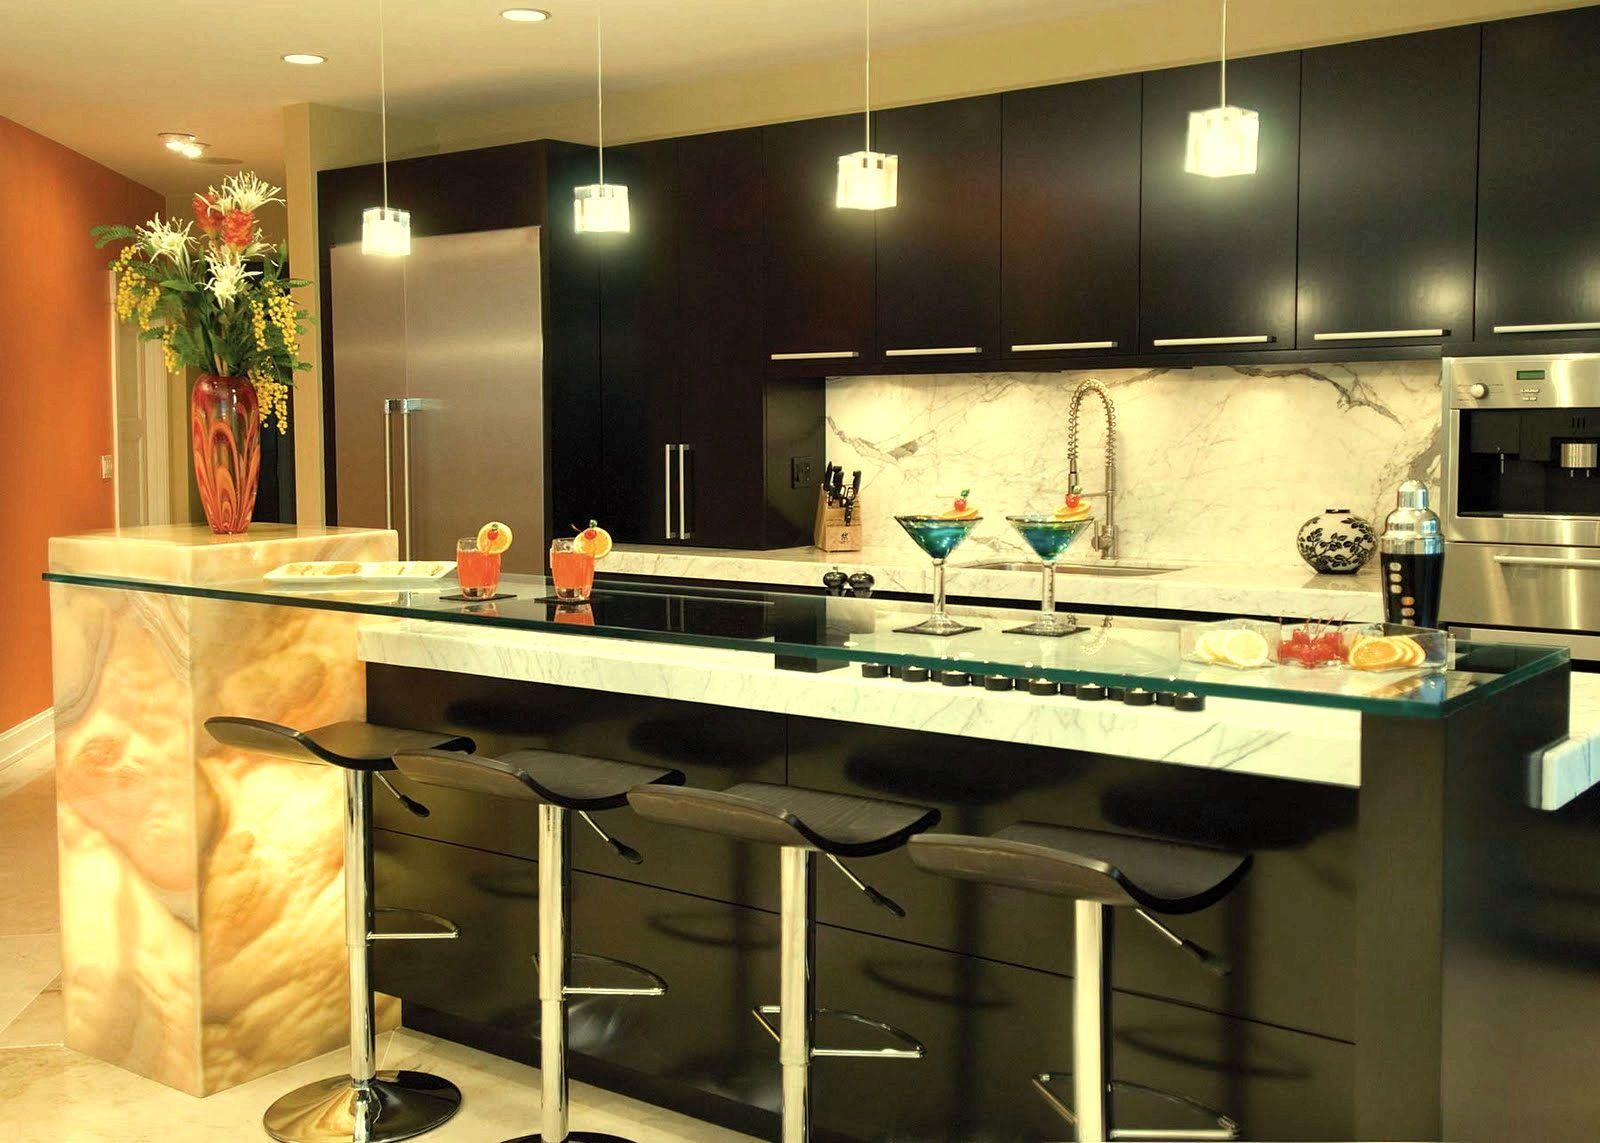 barra/desayunador en una cocina funcional | desayunador | Pinterest ...